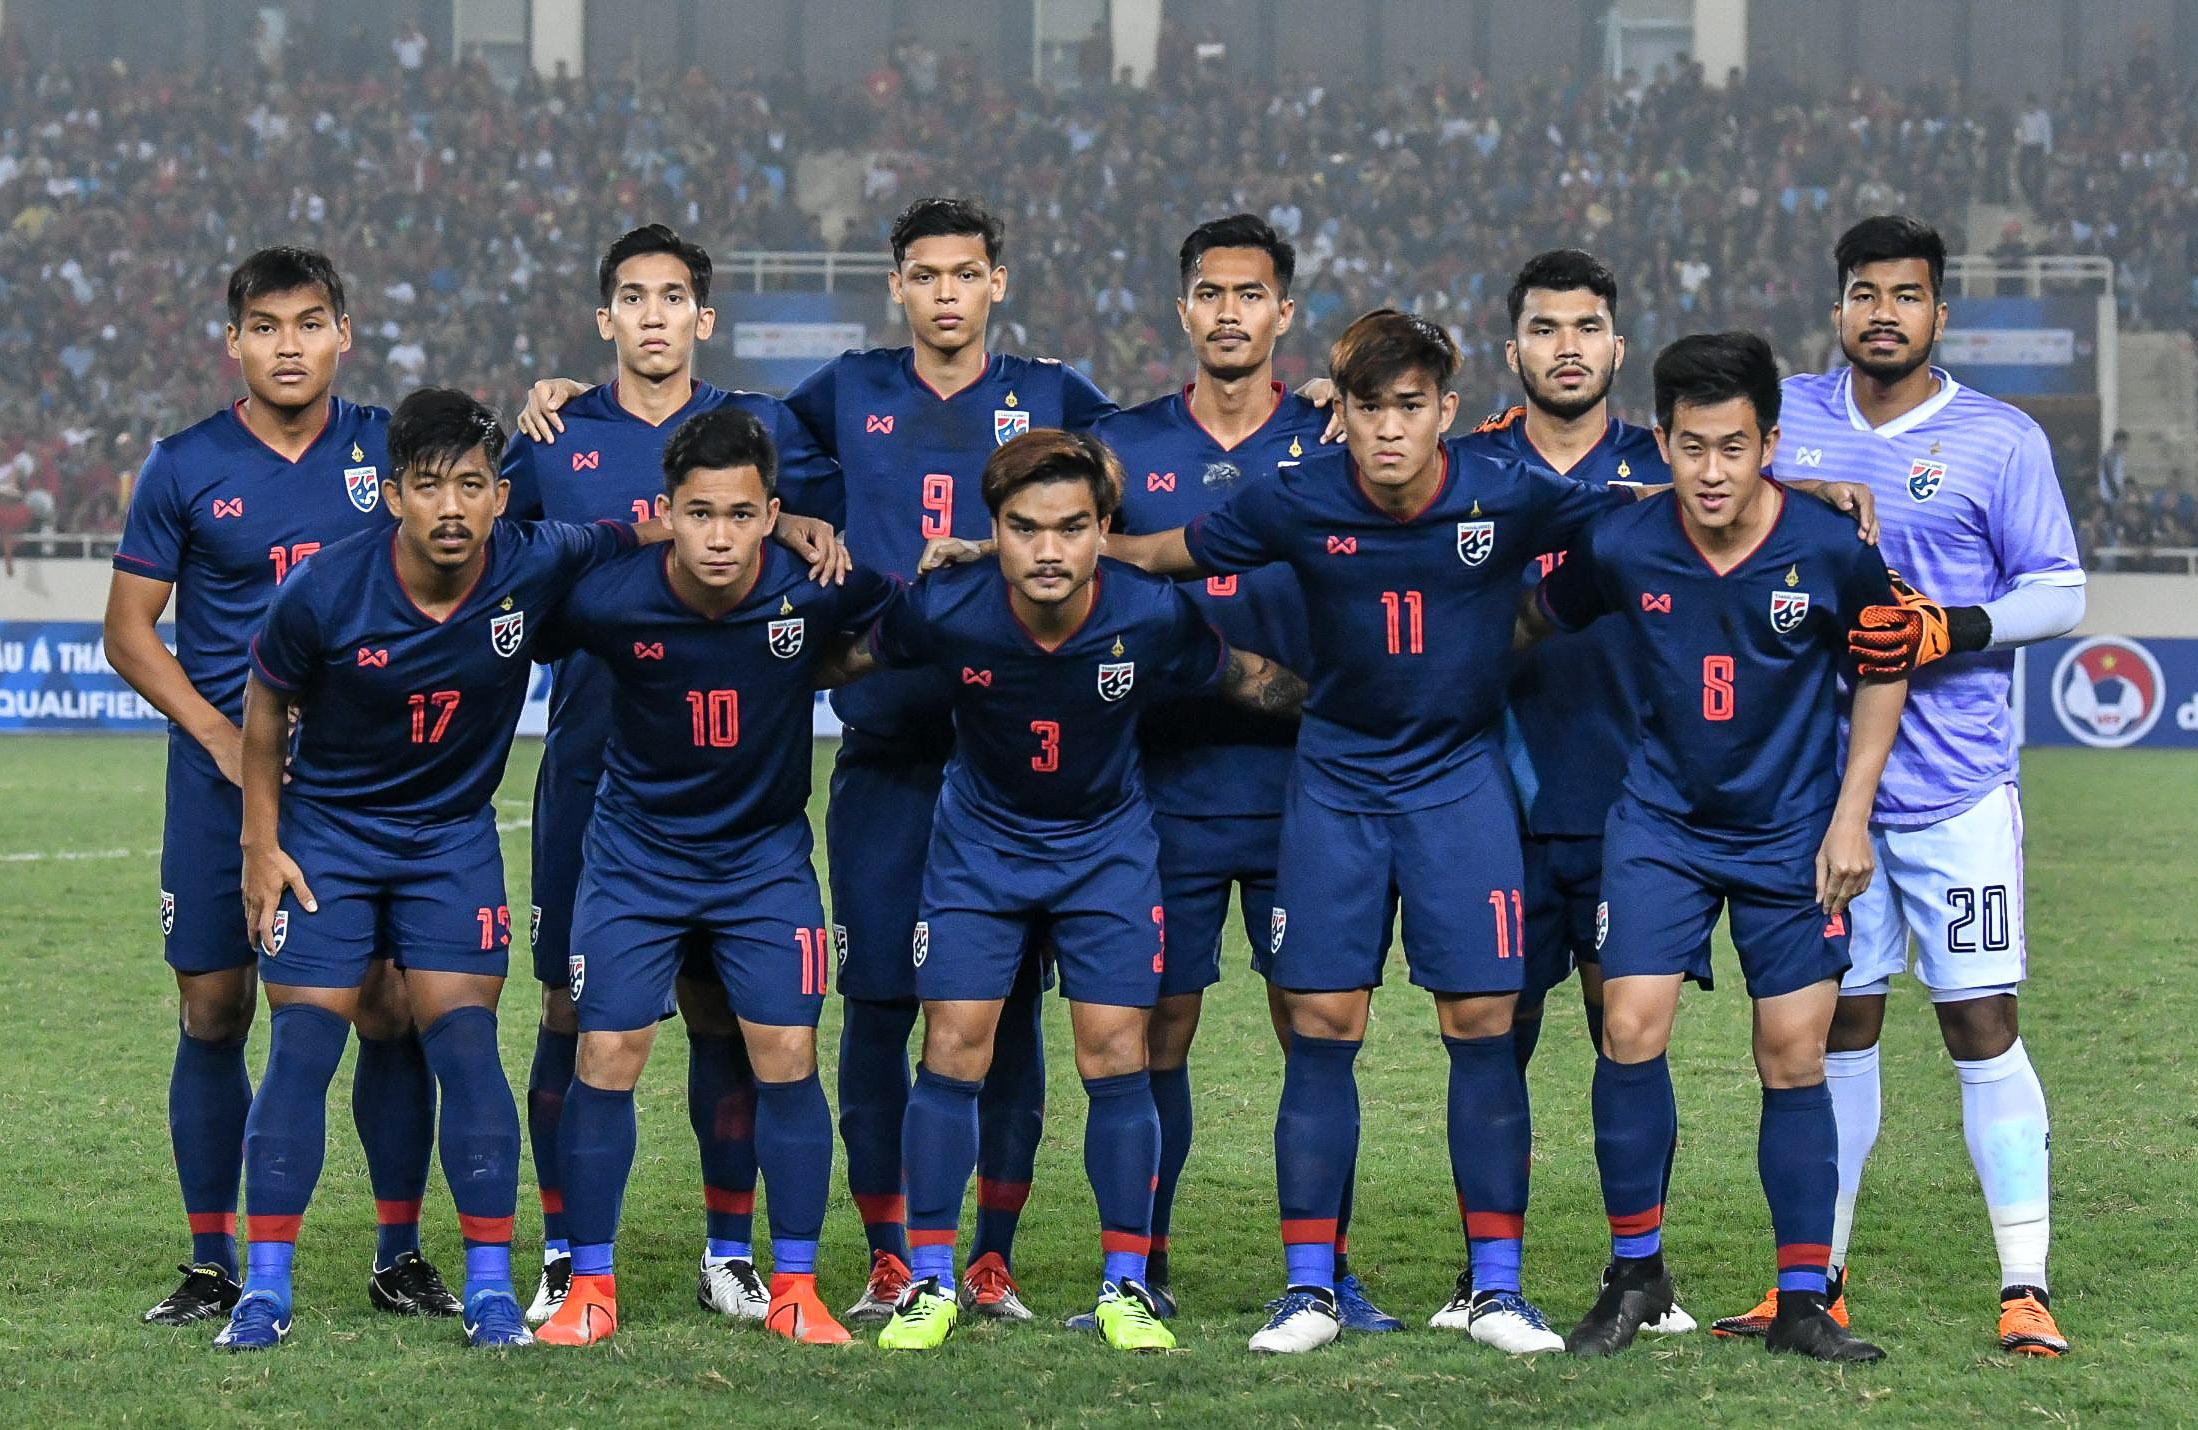 ชิงแชมป์เอเชีย 2020 รุ่นอายุไม่เกิน 23 ปี ชิงแชมป์เอเชีย U23 ทีมชาติไทย U23